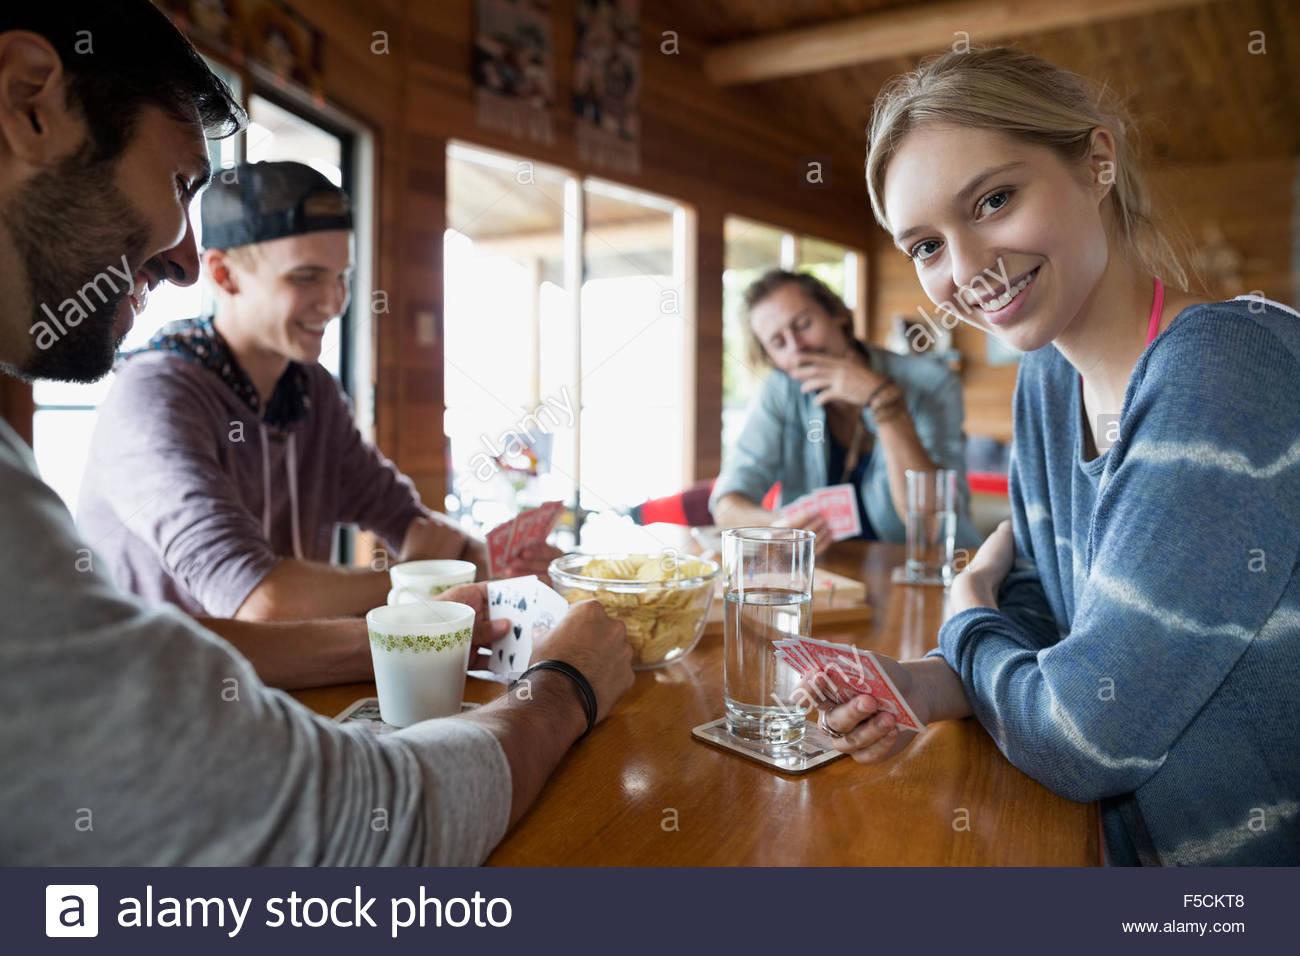 Porträt, lächelnde junge Frau beim Kartenspiel mit Freunden Stockbild